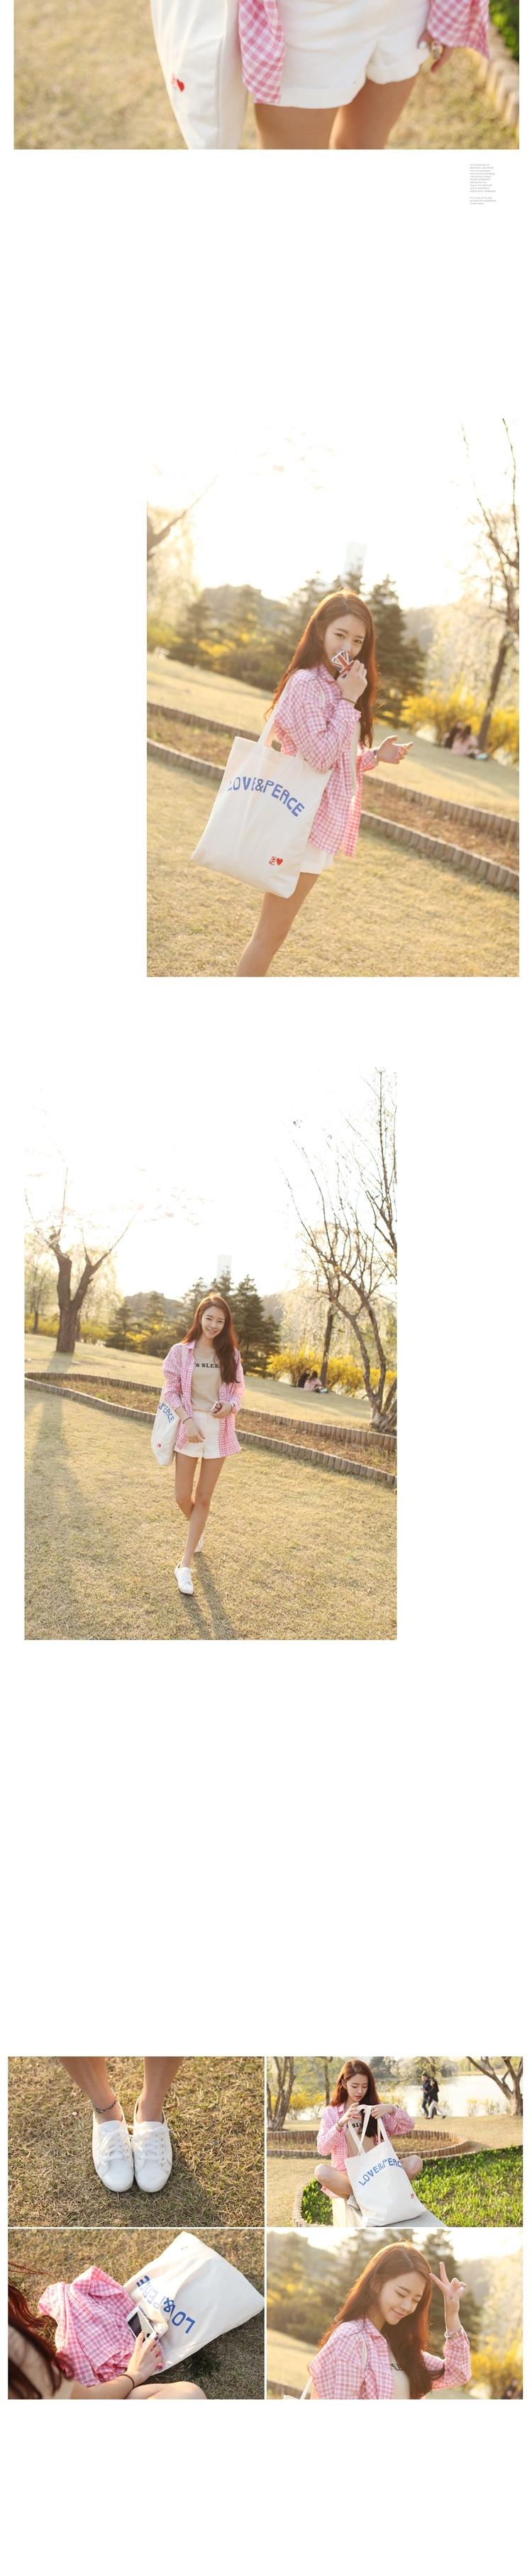 1区韩国代购正品验证jellpe-epsp00686521-简单舒适百搭韩版新款短裤